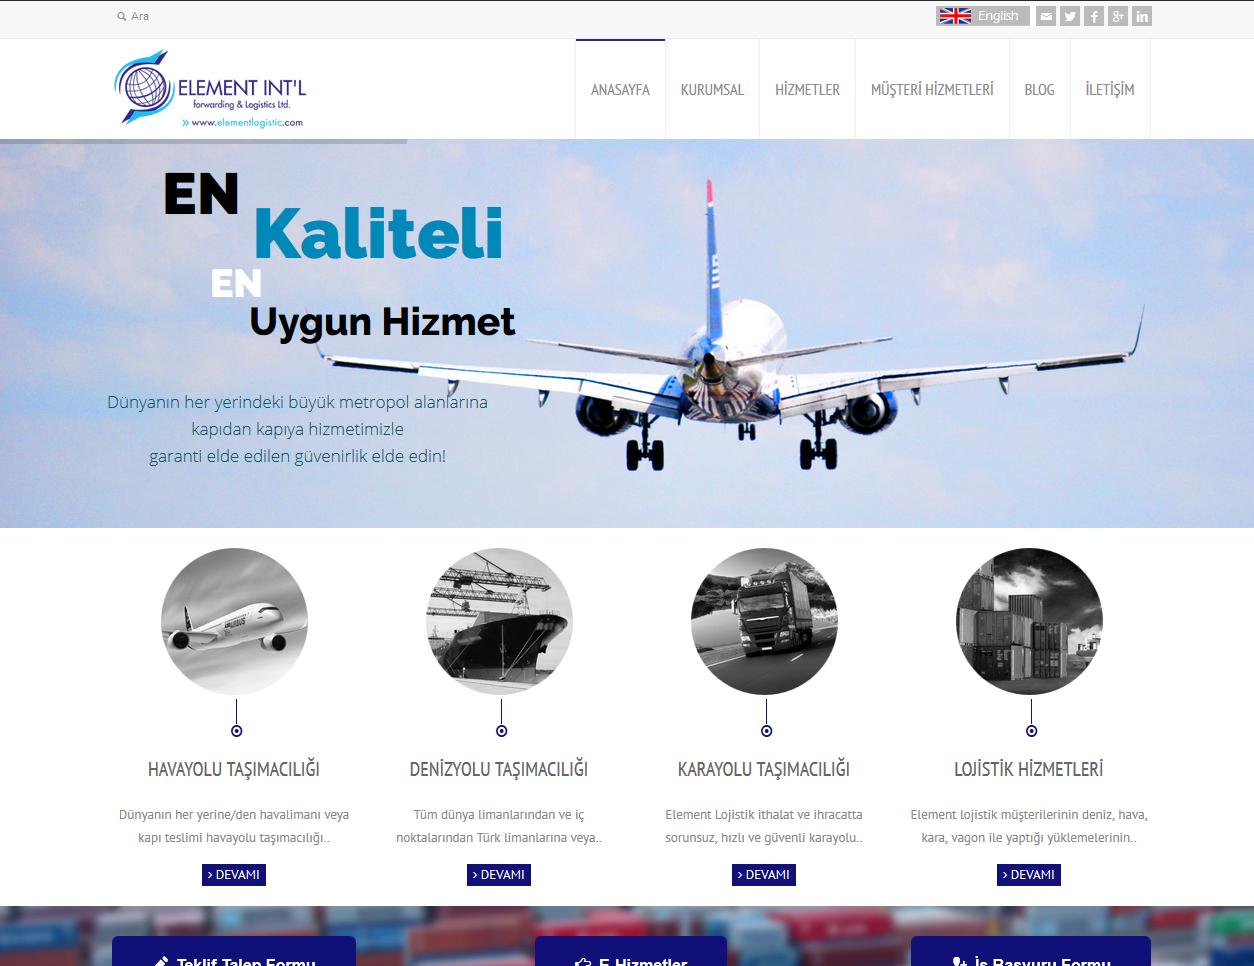 izmir uluslararası lojistik firmaları, uluslararası lojistik firmaları, uluslararası taşımacılık, uluslararası taşımacılık izmir, Lojistik Firmaları İzmir, İzmir Yurtiçi Nakliyat ve Lojistik Firmaları, Havayolu Taşımacılığı, Havayolu Taşımacılığı İzmir, Denizyolu Taşımacılığı, Denizyolu Taşımacılığı İzmir, Karayolu Taşımacılığı, Karayolu Taşımacılığı İzmir, Lojistik Hizmetler, Lojistik Hizmetler İzmir, Hava Kargo, Hava Kargo İzmir, uluslararası nakliyat mersin, uluslararası nakliyat istanbul